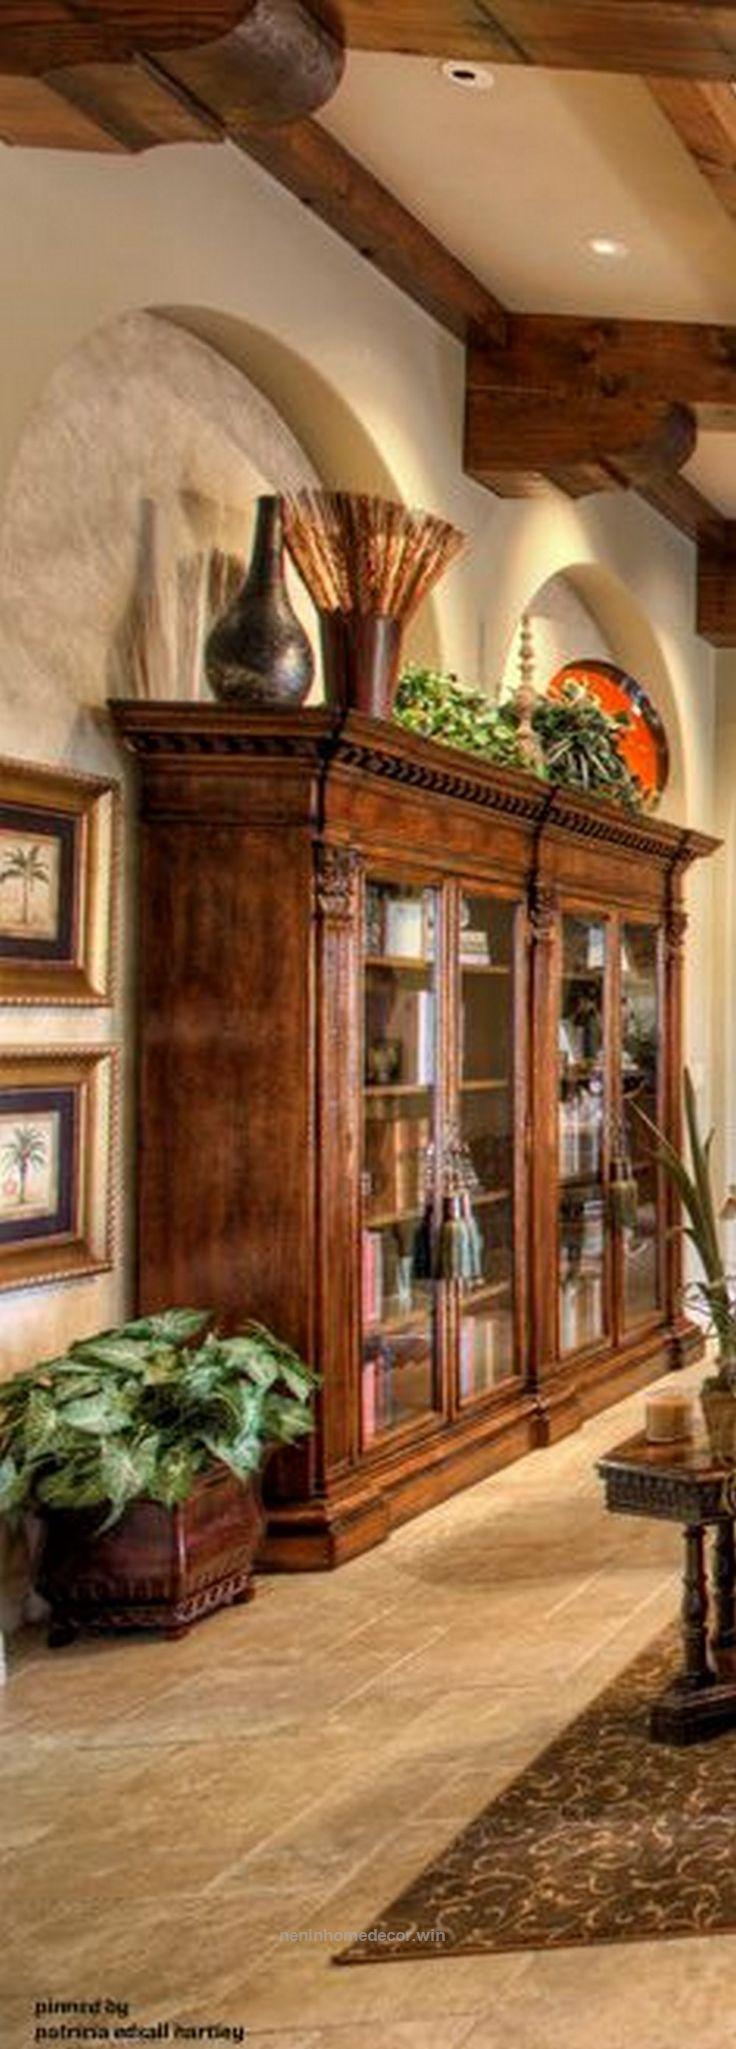 Splendid Awesome  Luxurious Tuscan Bathroom Decor Ideas Wartaku Net The Post Awesome